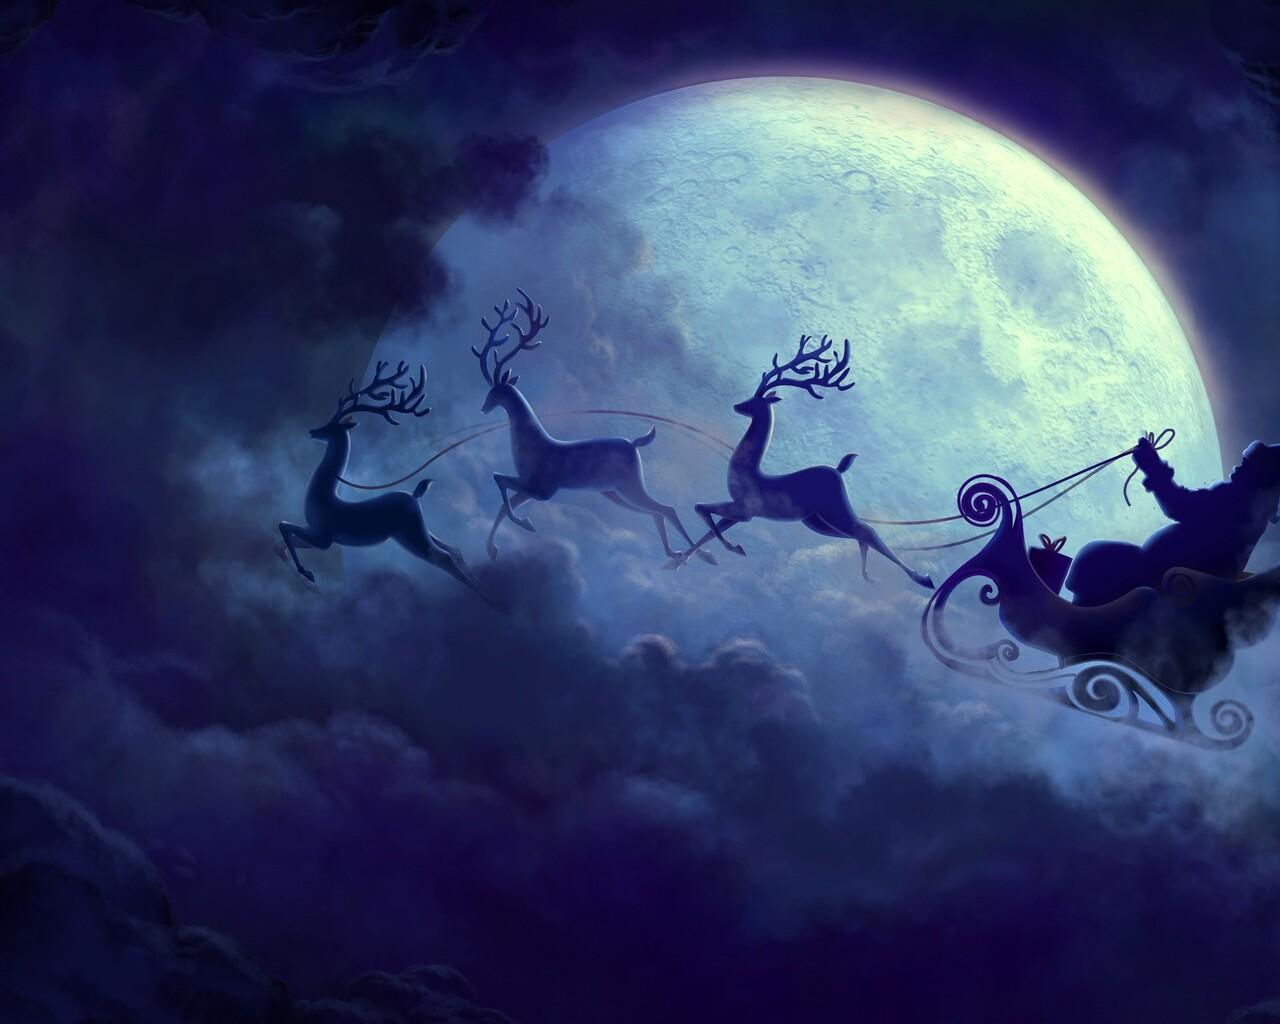 santa-claus-moon.jpg